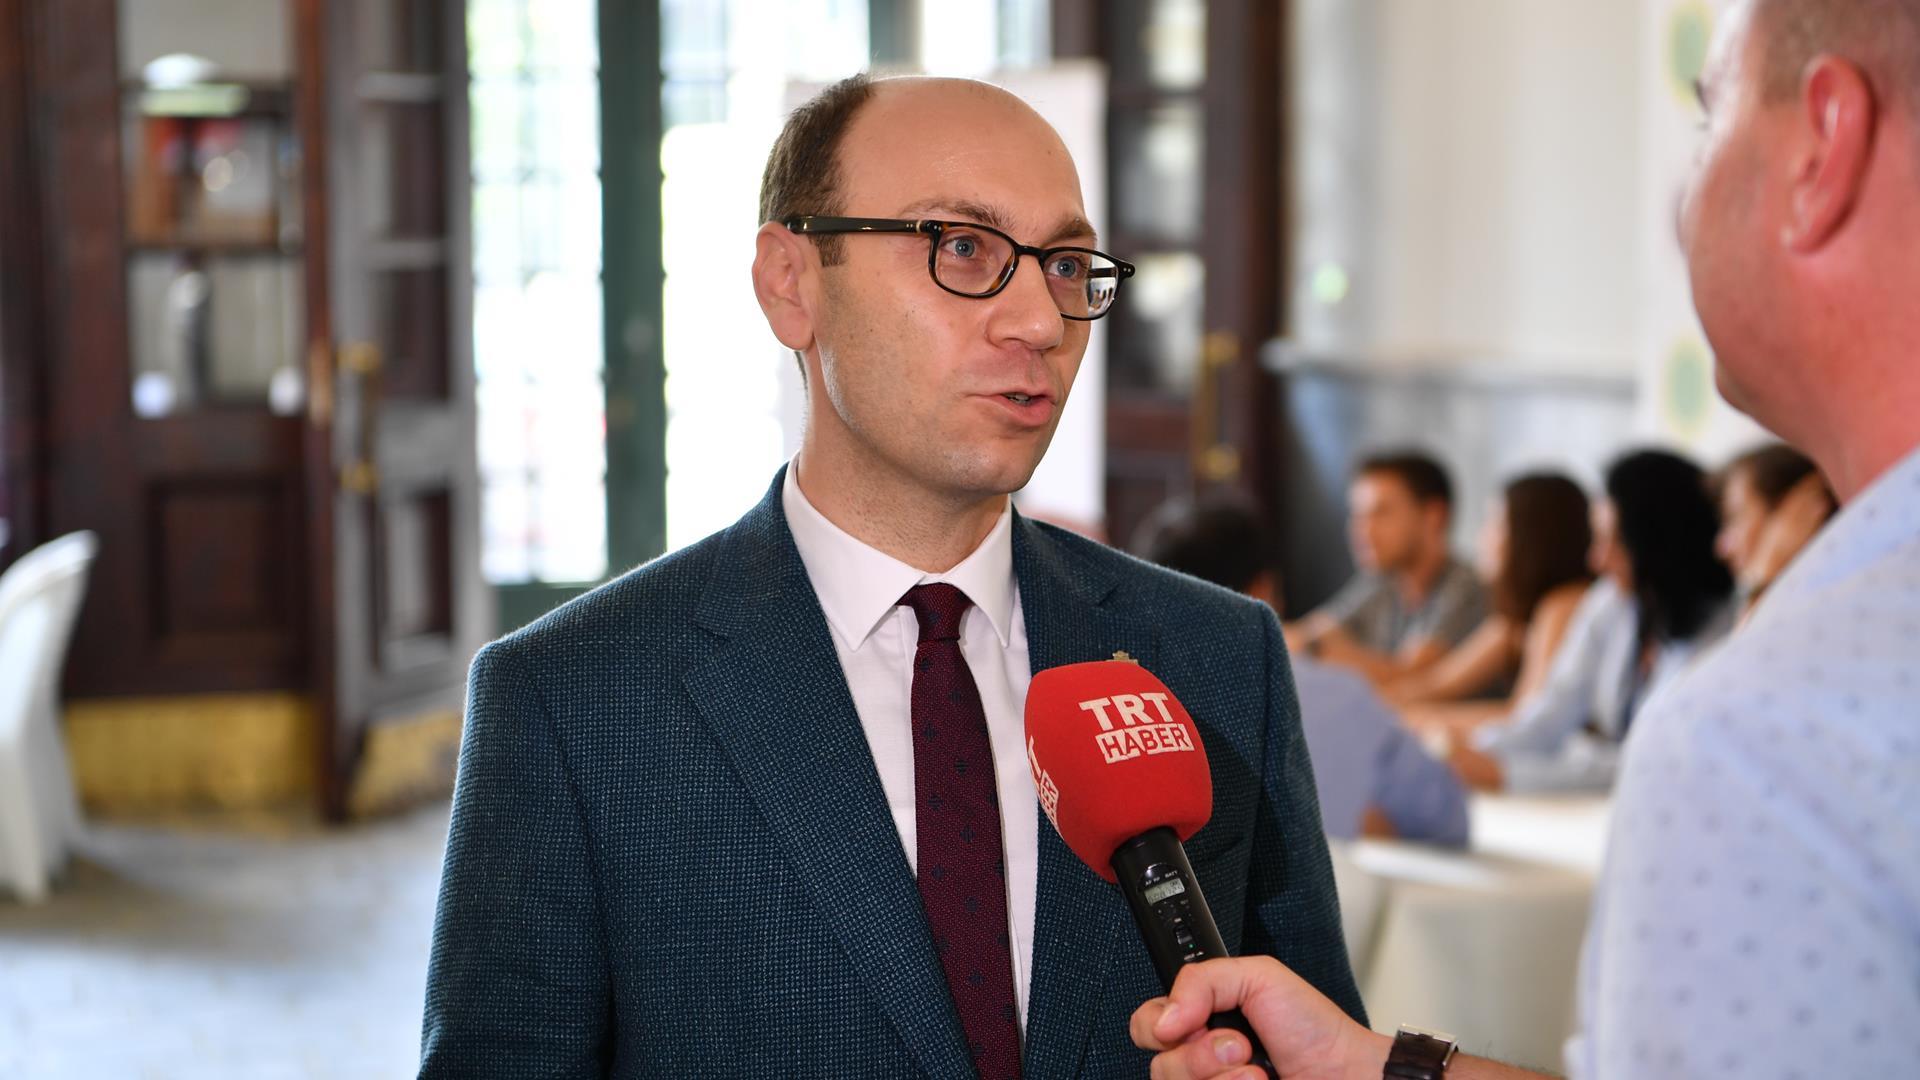 İstanbul-Üniversitesi-Cerrahpaşa-Rektörü-Prof.-Dr.-Nuri-Aydın-TRT'den-Aday-Öğrencilere-Seslendi